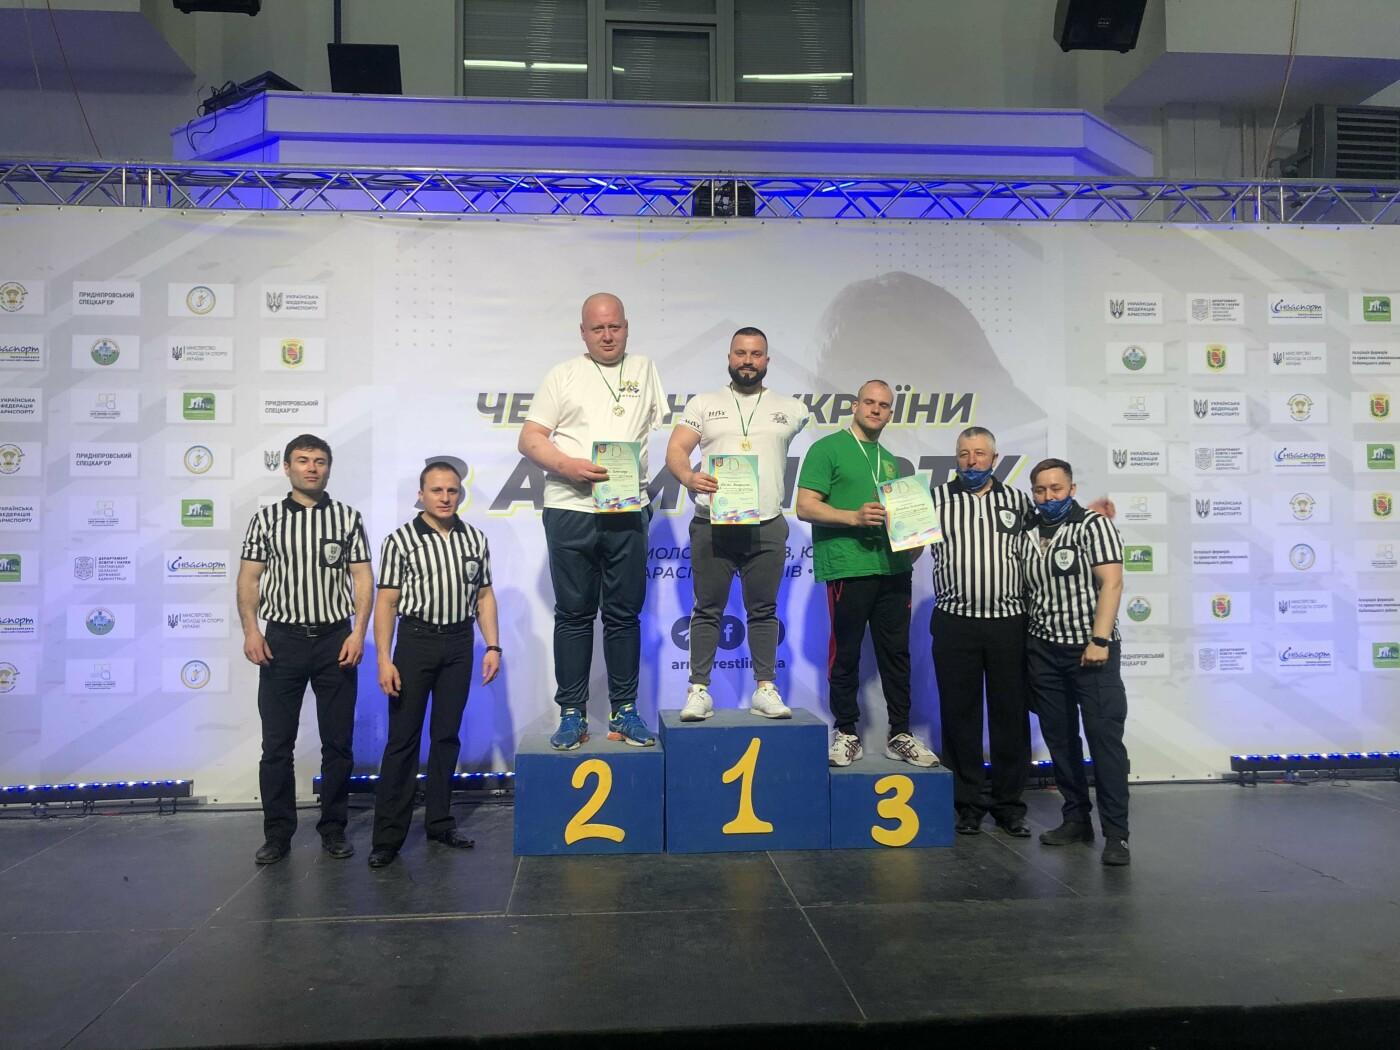 Спортсмены из Бердянска и Новопетровки стали чемпионами Украины по армреслингу (ФОТО), фото-3